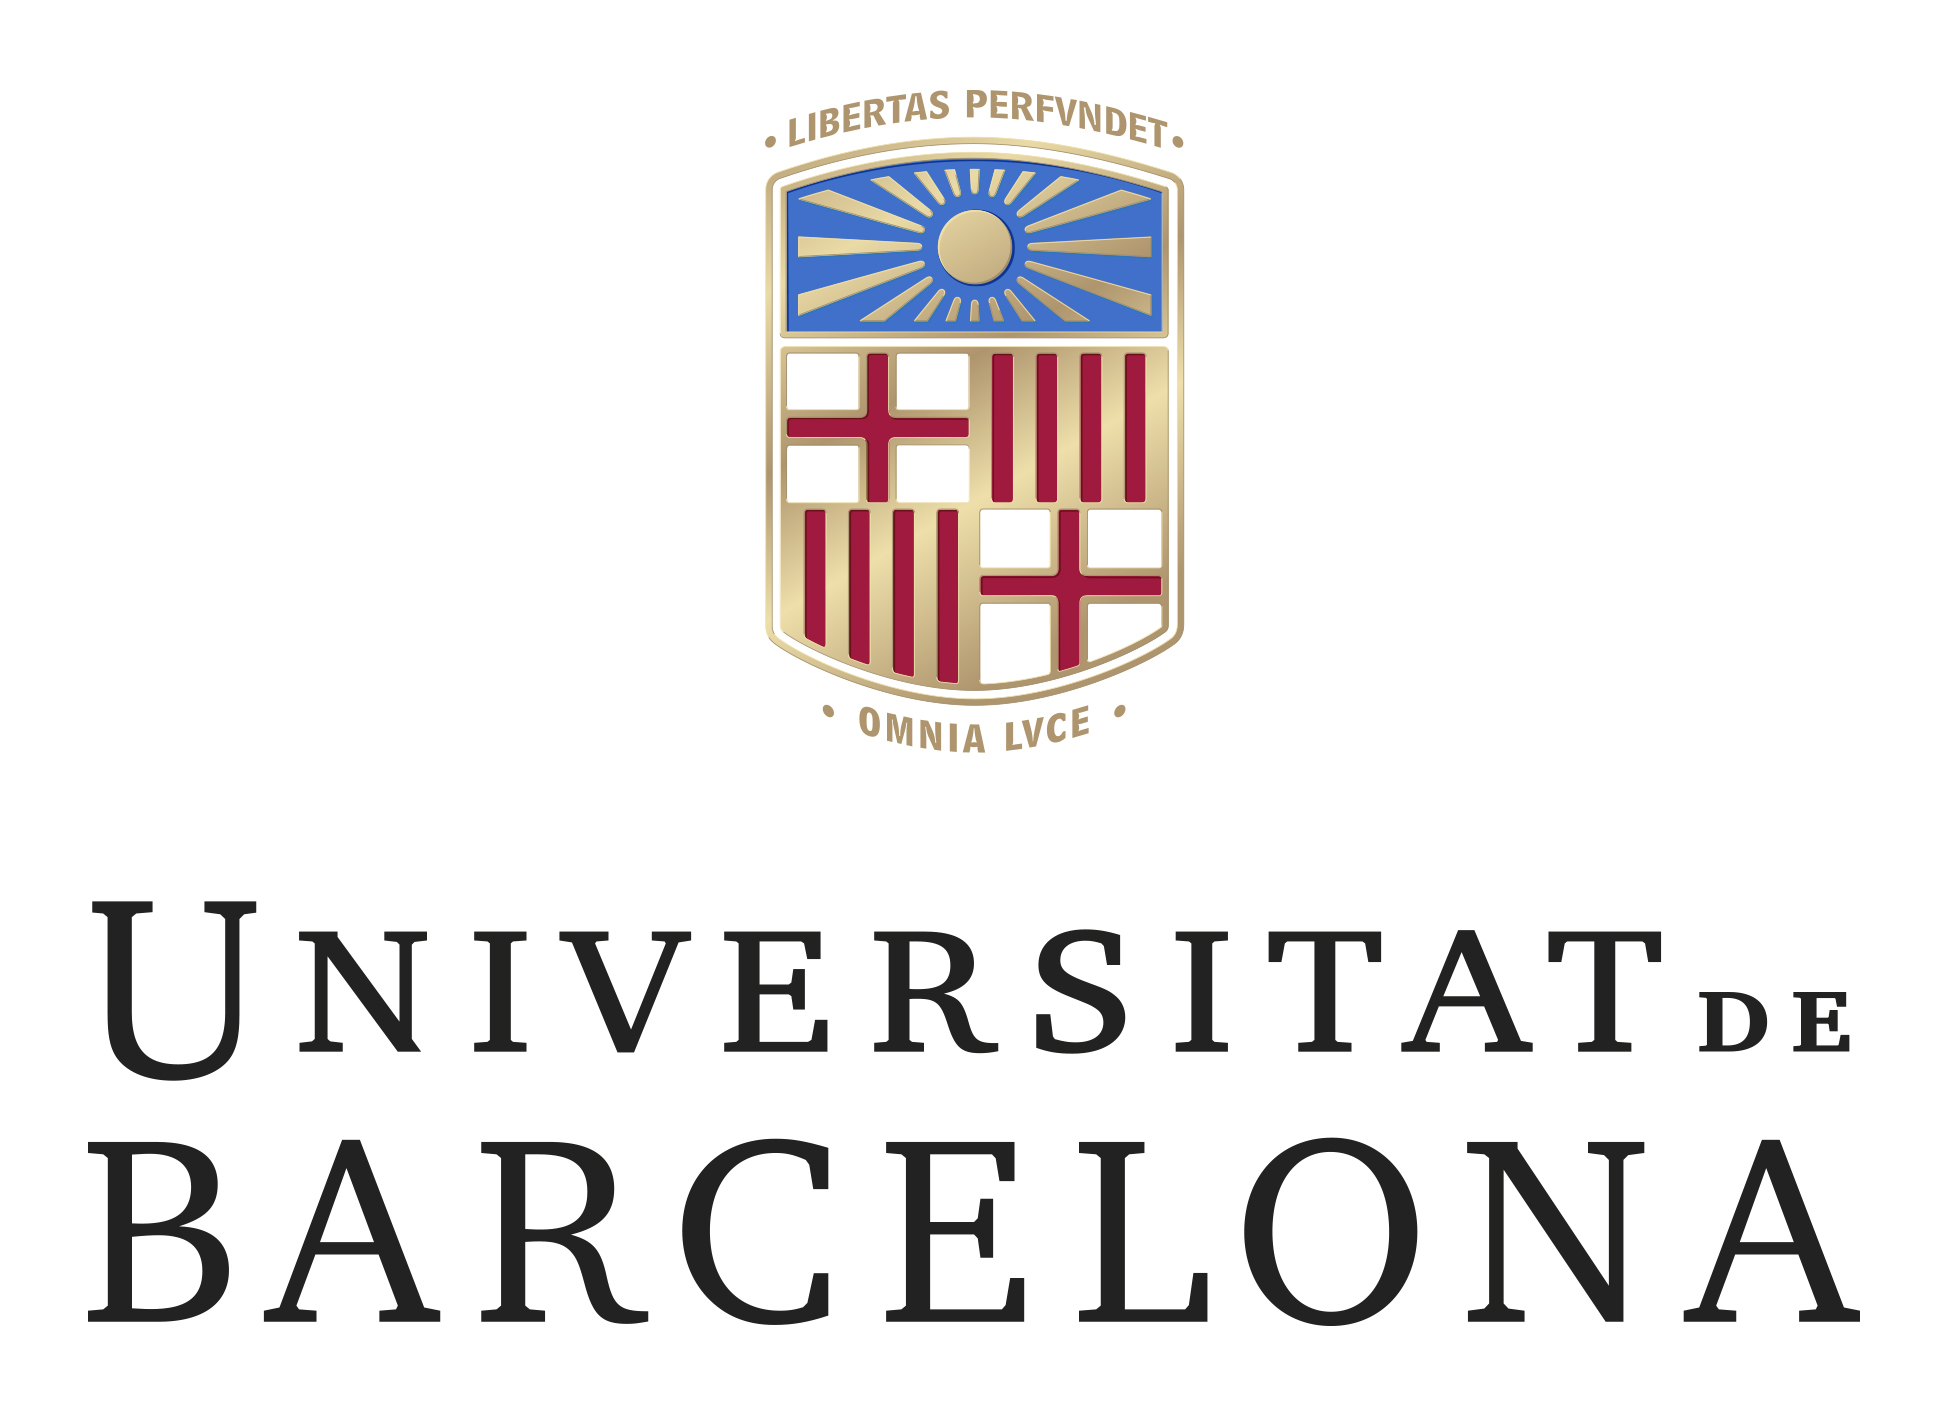 La Universitat de Barcelona torna a ser la primera classificada de l'Estat en el ranking de millors universitat segons webometrics